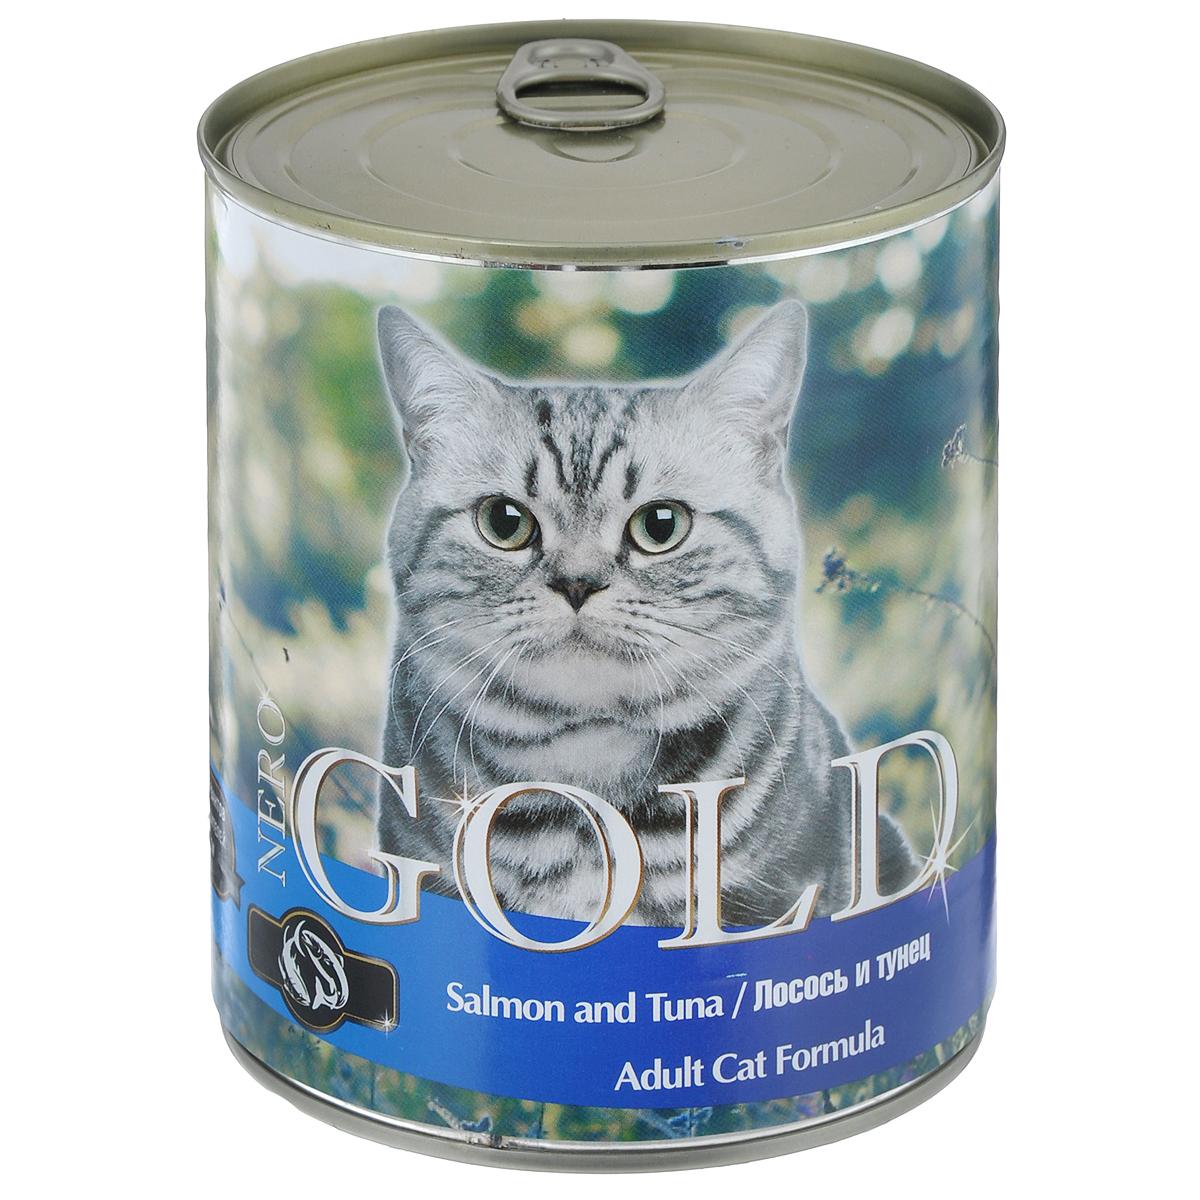 Консервы для кошек Nero Gold, с лососем и тунцом, 810 г24489Консервы для кошек Nero Gold - полнорационный продукт, содержащий все необходимые витамины и минералы, сбалансированный для поддержания оптимального здоровья вашего питомца! Состав: мясо и его производные, филе курицы, филе лосося, филе тунца, злаки, витамины и минералы. Гарантированный анализ: белки 6%, жиры 4,5%, клетчатка 0,5%, зола 2%, влага 81%. Пищевые добавки на 1 кг продукта: витамин А 1600 МЕ, витамин D 140 МЕ, витамин Е 10 МЕ, таурин 300 мг, железо 24 мг, марганец 6 мг, цинк 15 мг, медь 1 мг, магний 200 мг, йод 0,3 мг, селен 0,2 мг. Вес: 810 г. Товар сертифицирован.